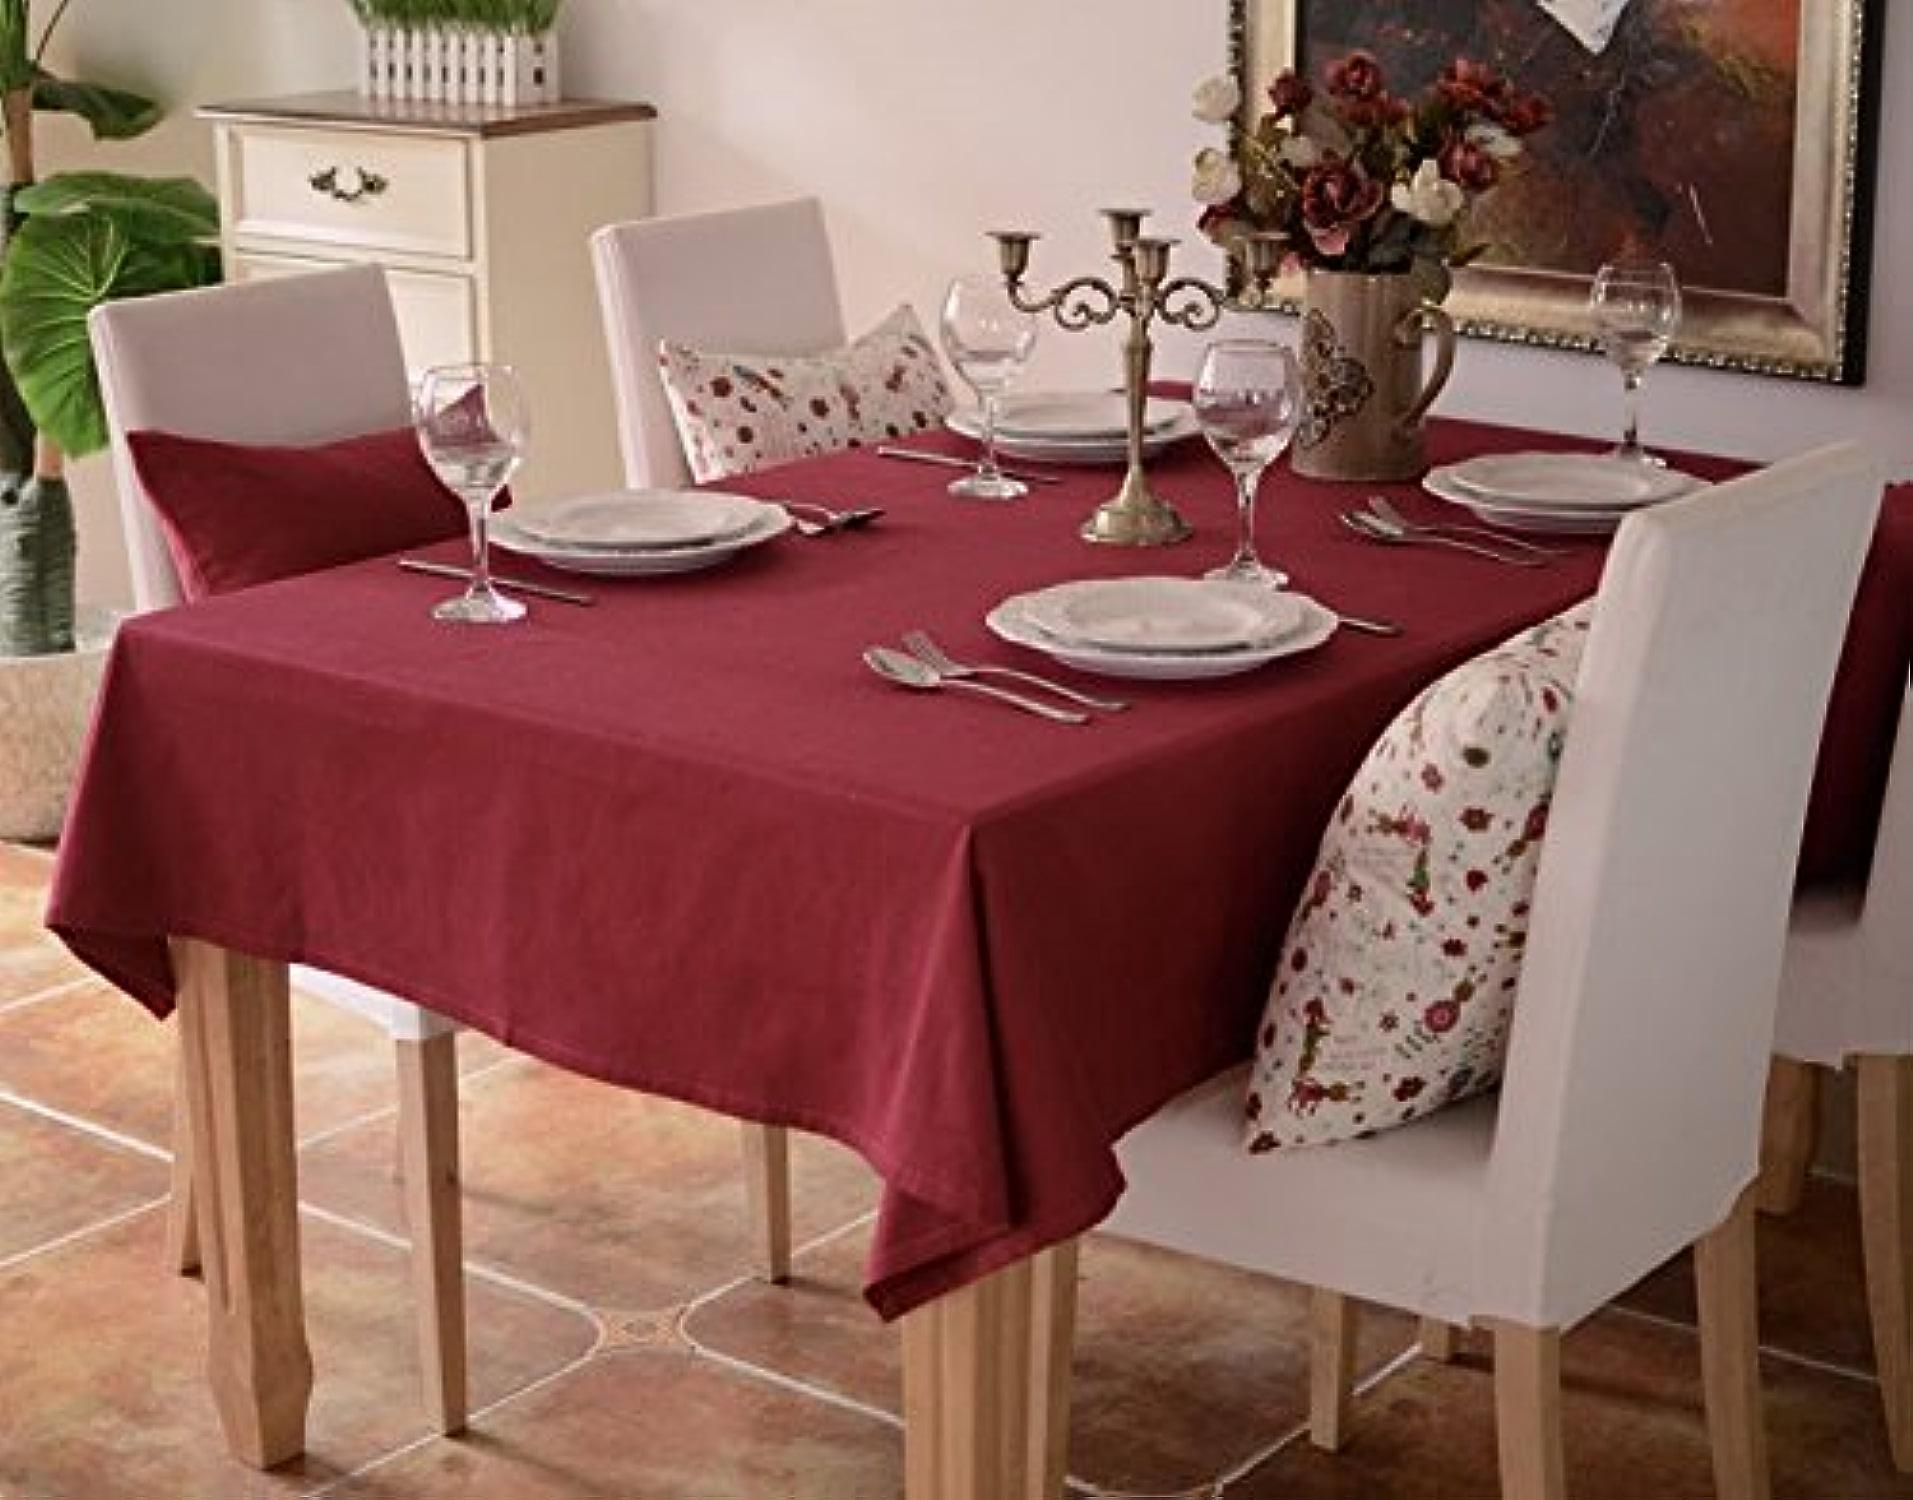 100x 160cm Bordeaux Rouge solide scandinave minimaliste Instagram Nappe en coton et lin à hommeger Jardin pique-nique rectangulaire voitureré respectueux de l'environneHommest couvrant